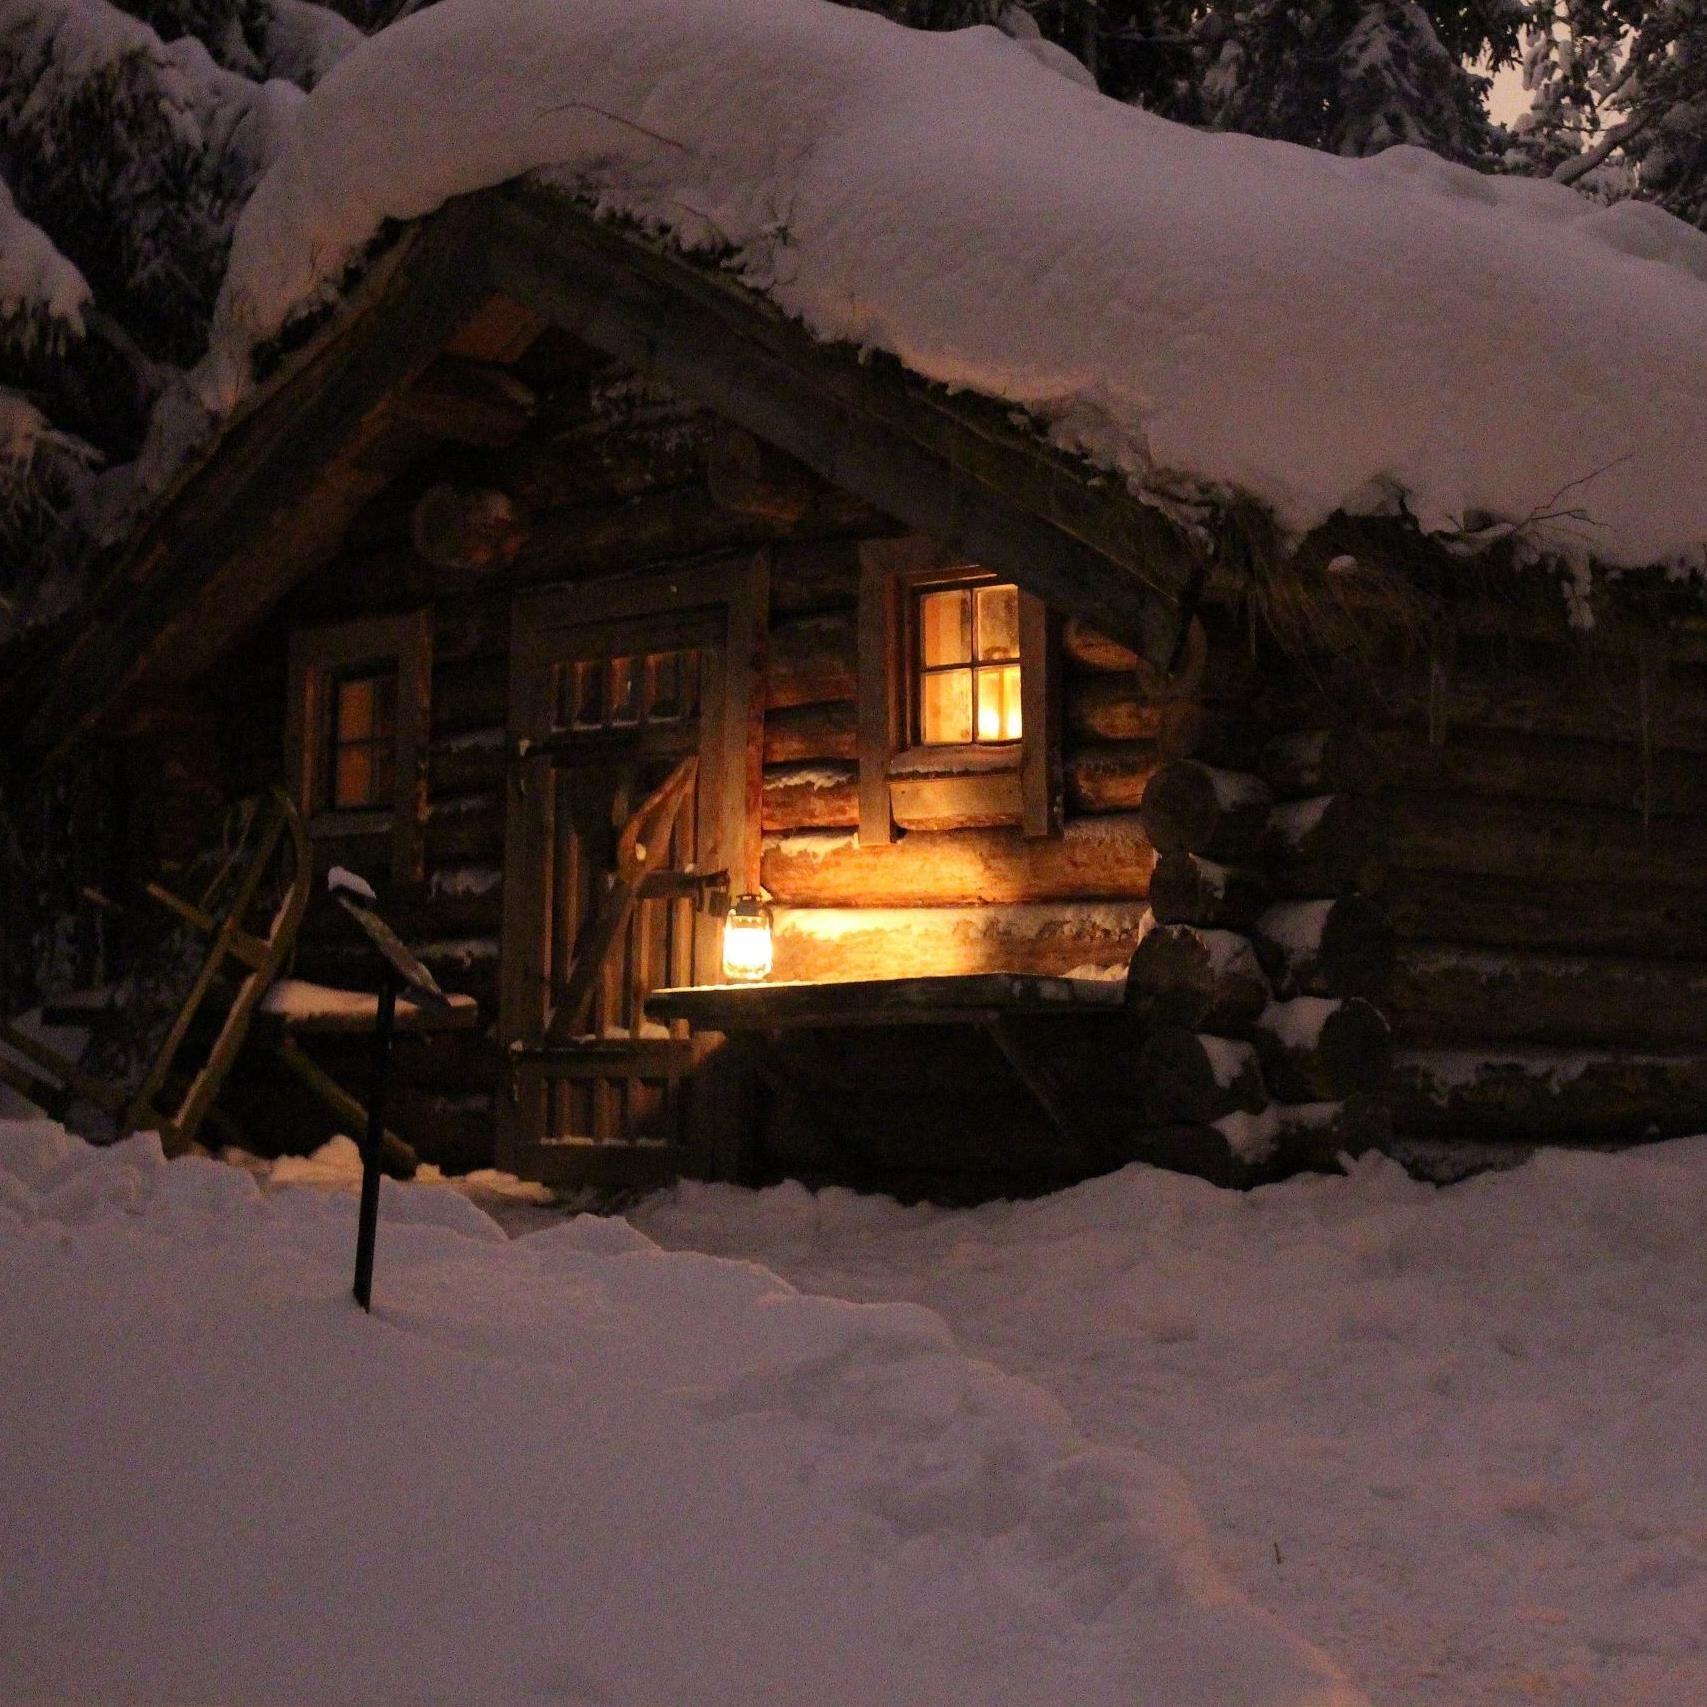 Ett annorlunda besök på Friluftsmuseet Norra Berget